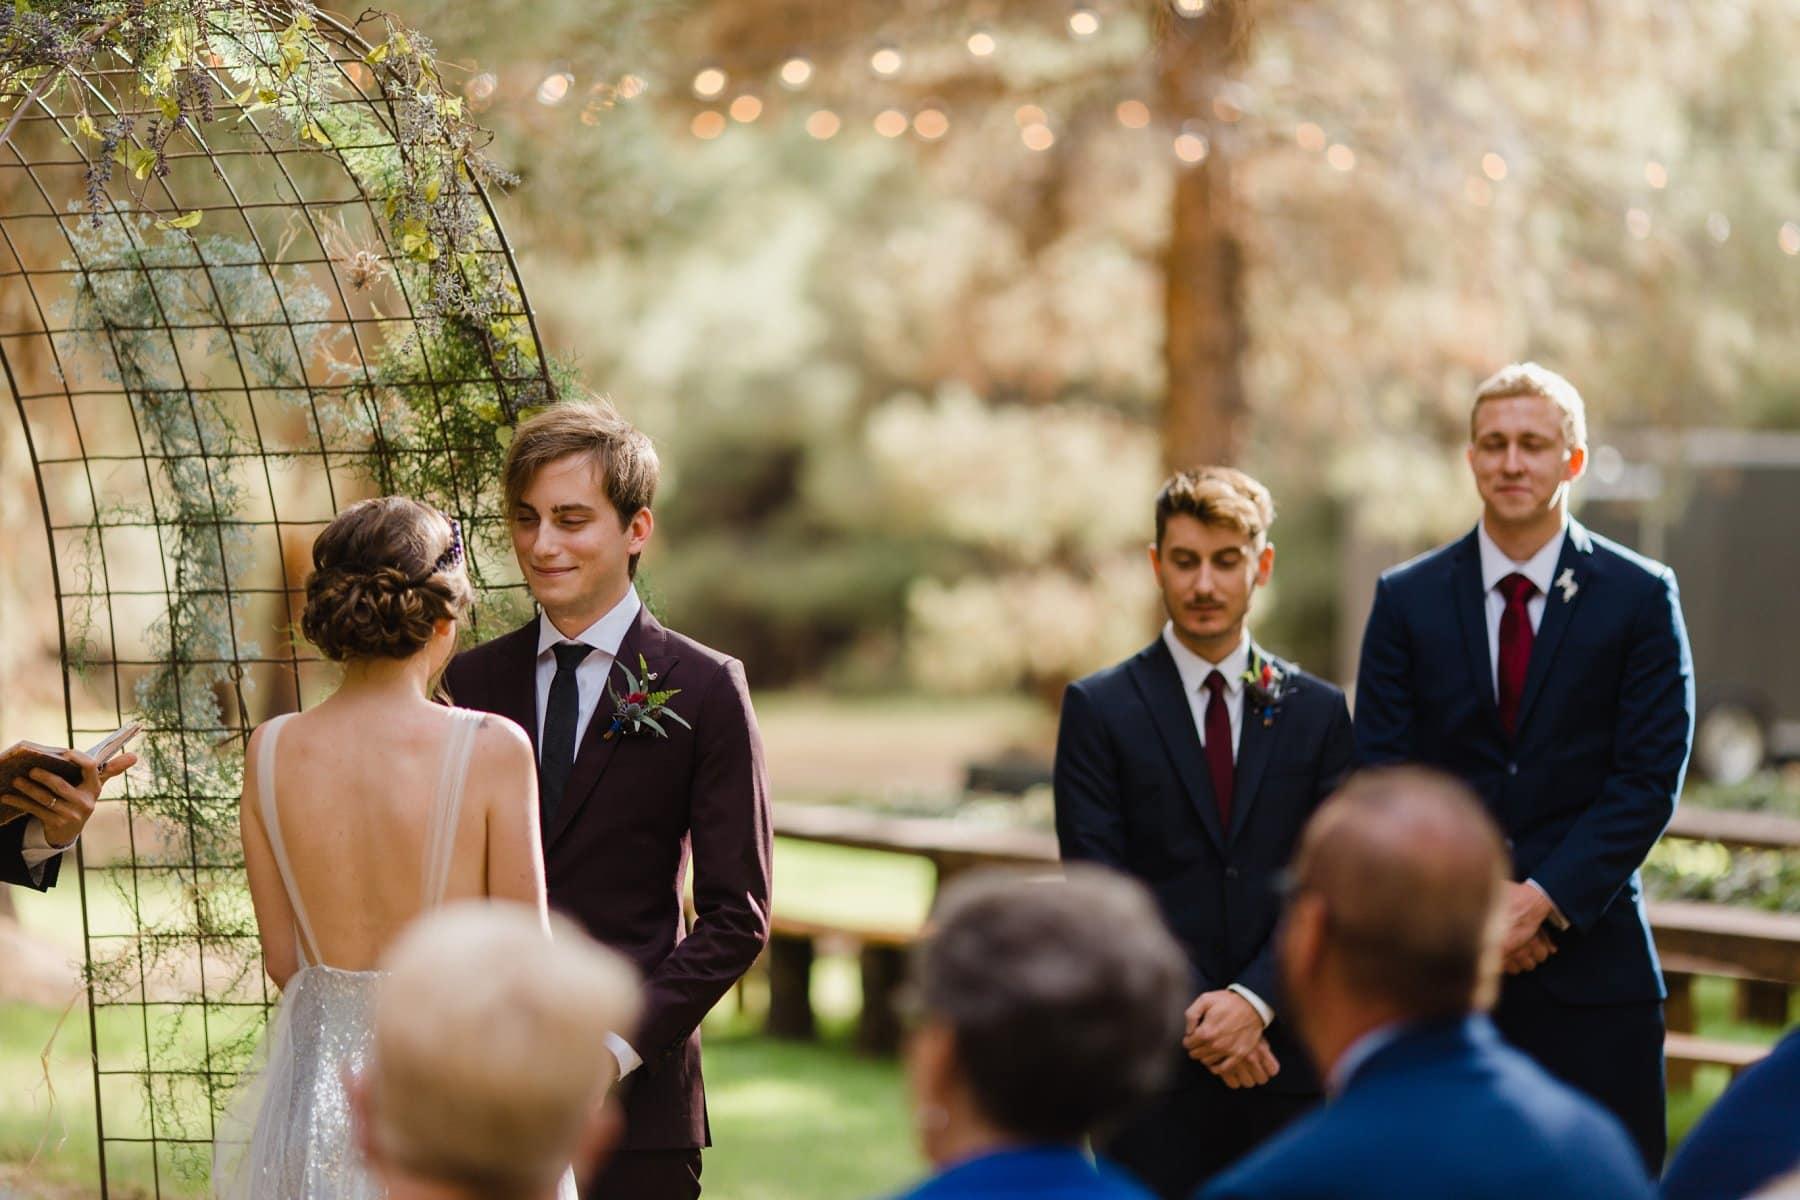 wedding ceremony at the Meadows Schnepf Farms rustic outdoor pine tree venue